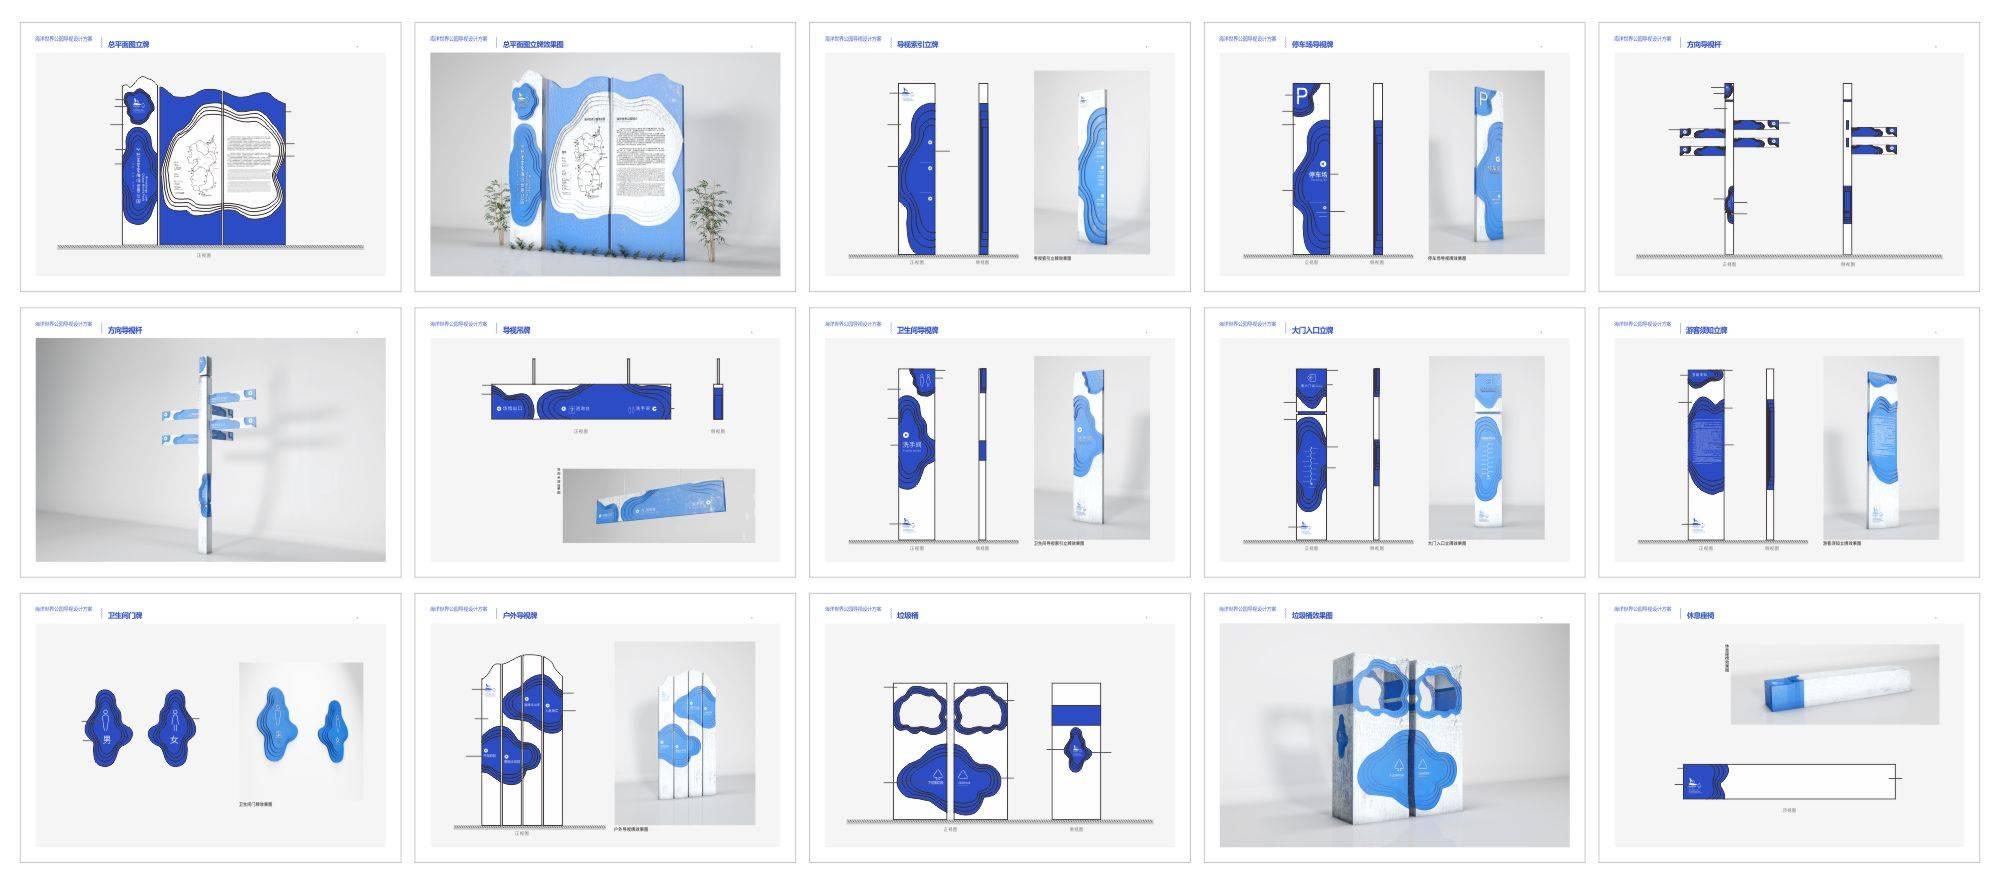 【必然云创· 原创作品系列】之《简约冰块清爽风海洋主题公园导视系统设计概念方案》